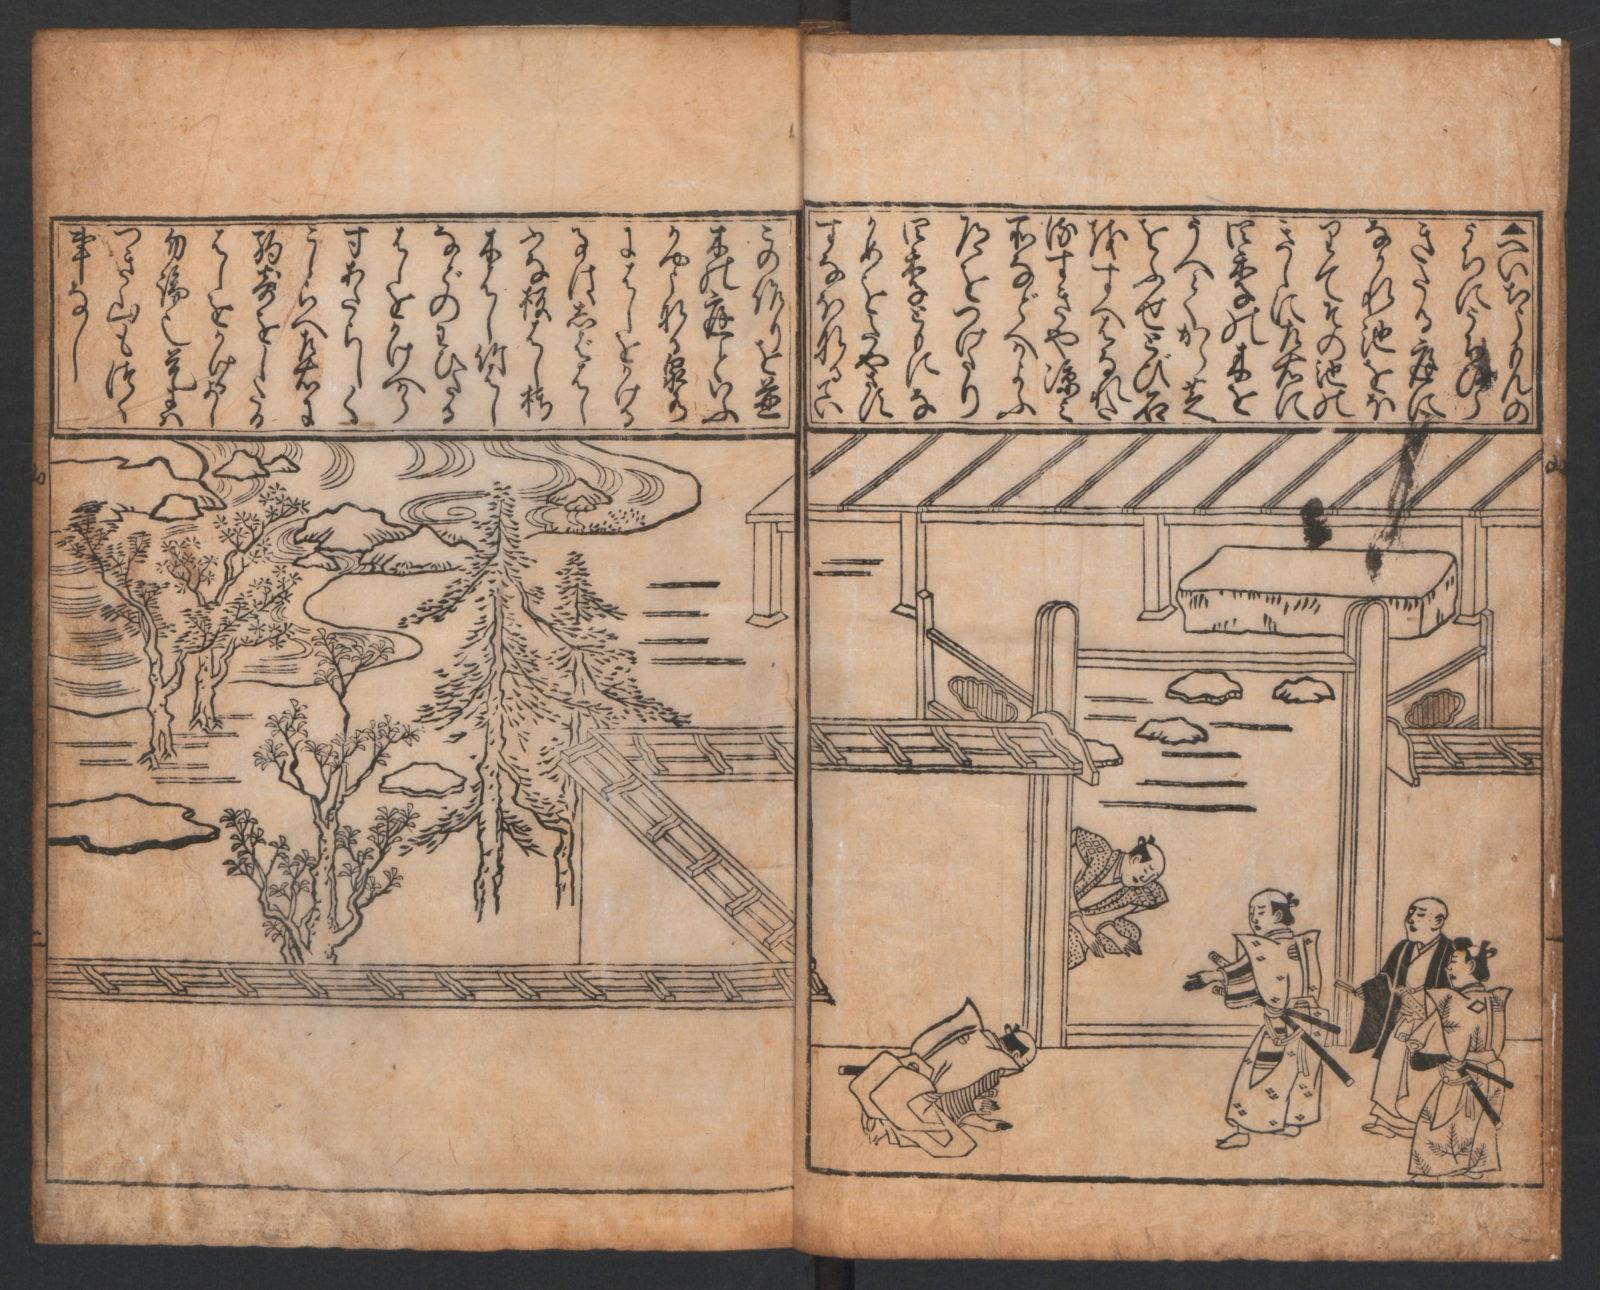 A Compendium of Model Gardens (Tsukiyama no zu niwa zukushi; Yokei tsukuri niwa no zu)